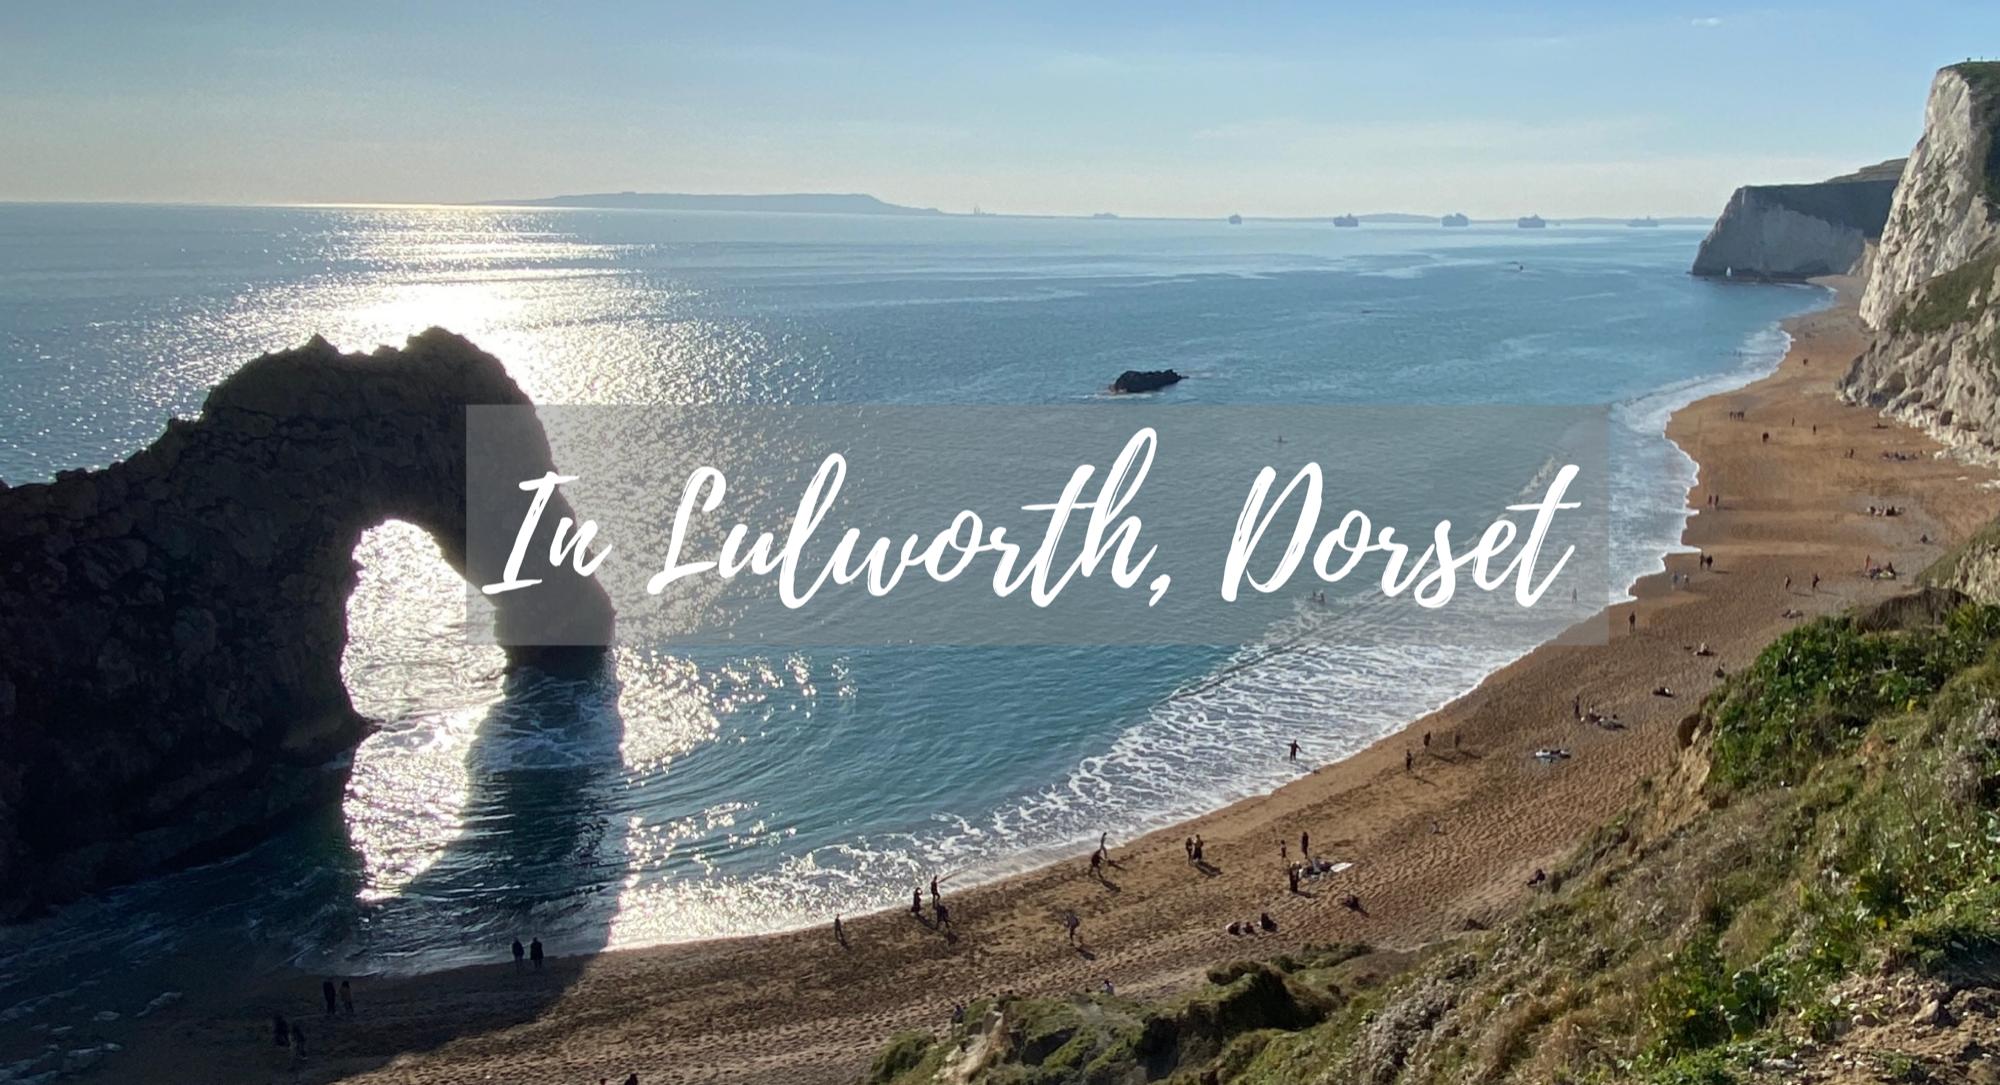 Copy of Lulworth Dorset